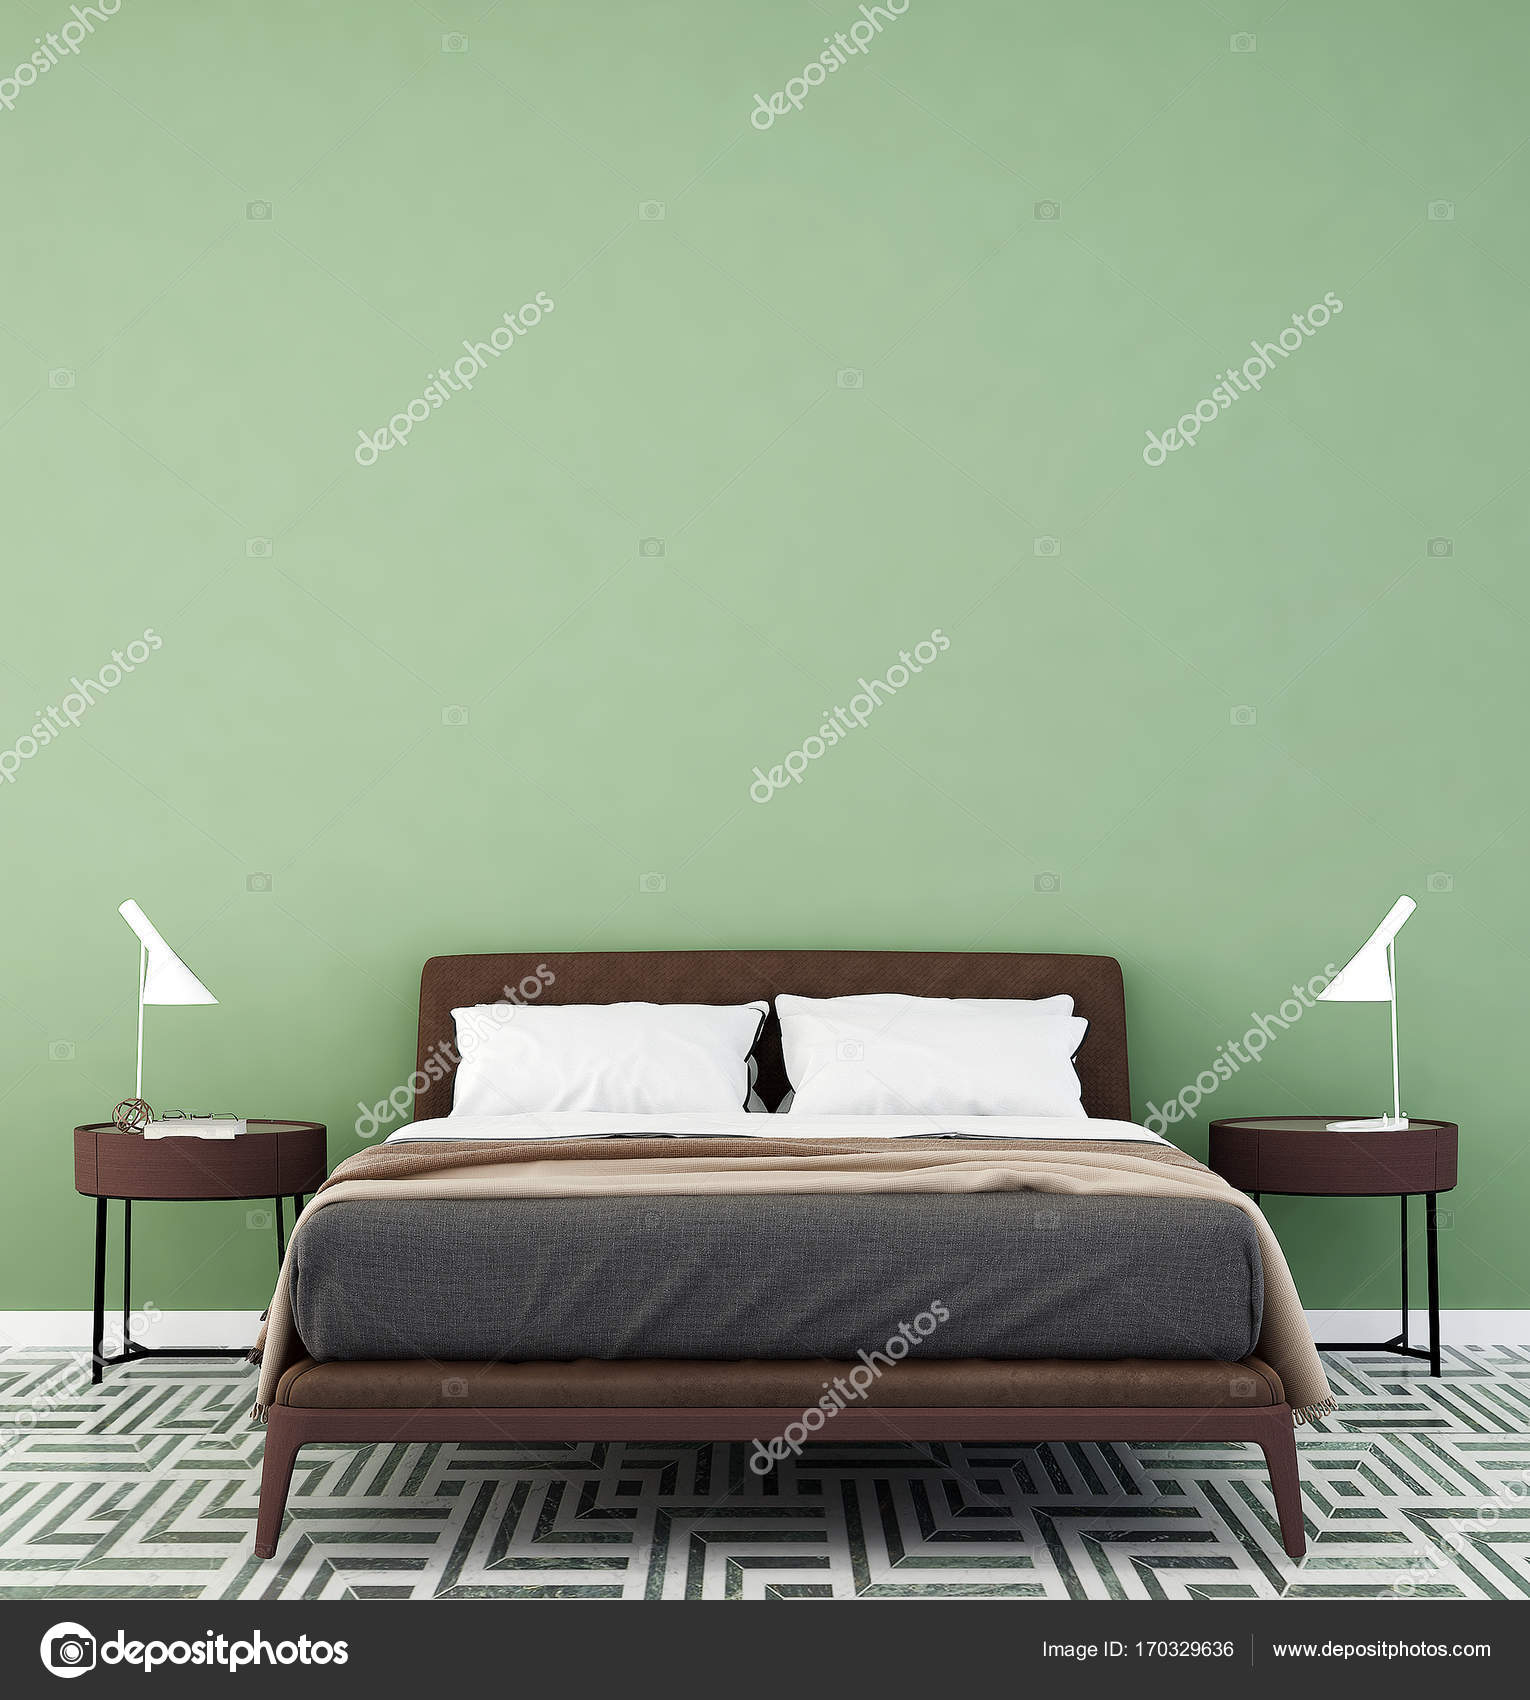 https://st3.depositphotos.com/11732771/17032/i/1600/depositphotos_170329636-stockafbeelding-het-interieur-van-het-moderne.jpg